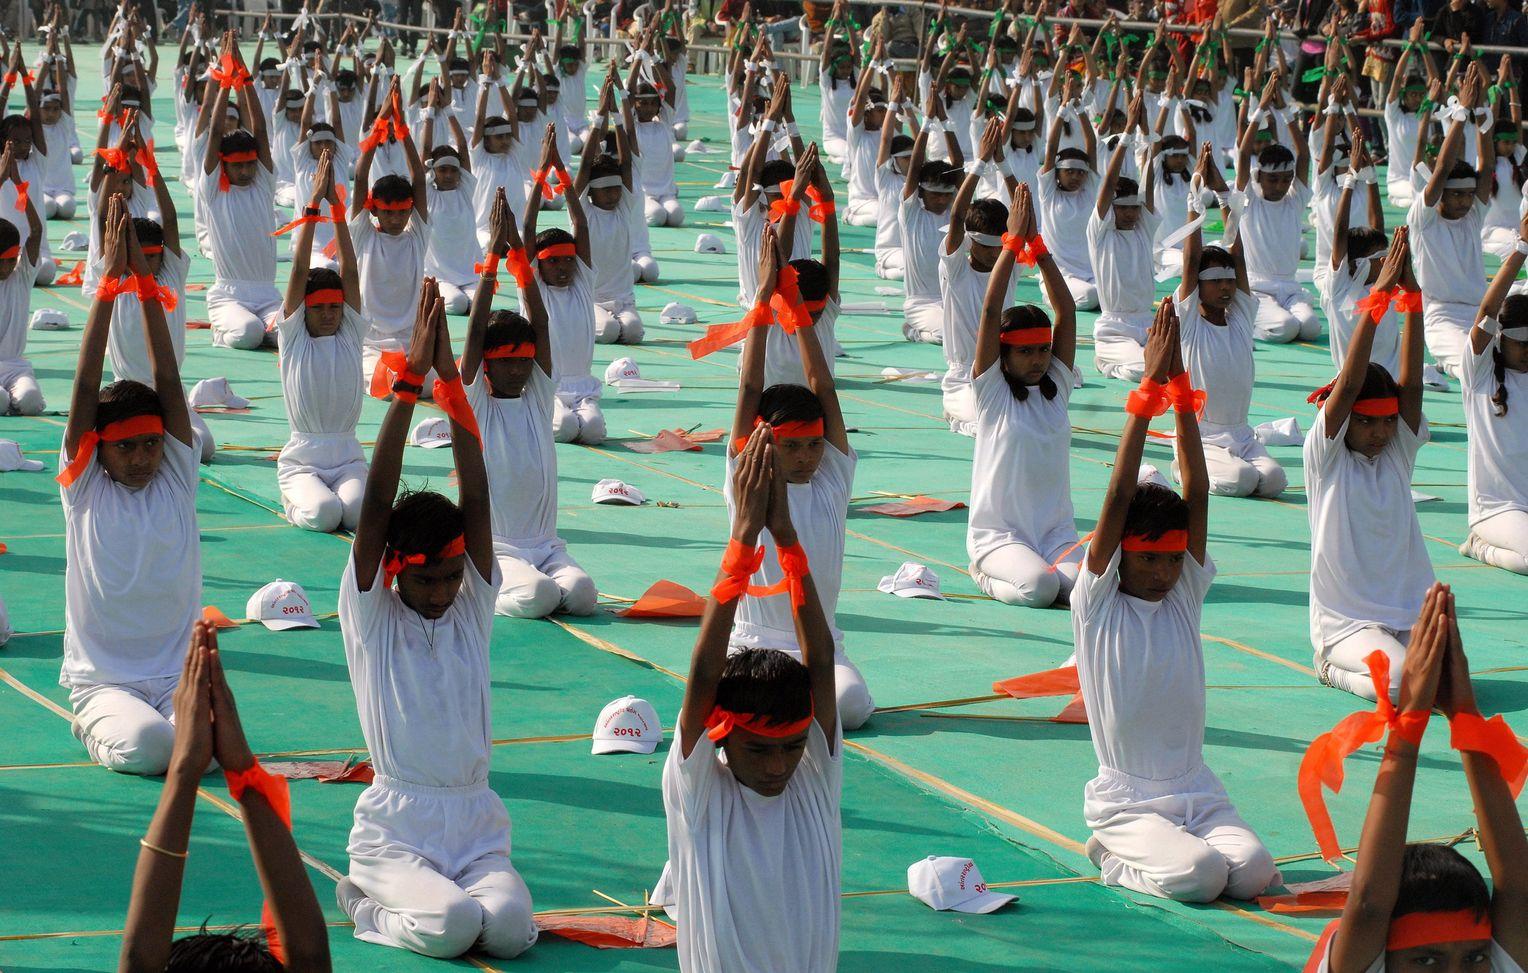 Gefahrliches Yoga Korperkunst Mit Nebenwirkungen Der Spiegel